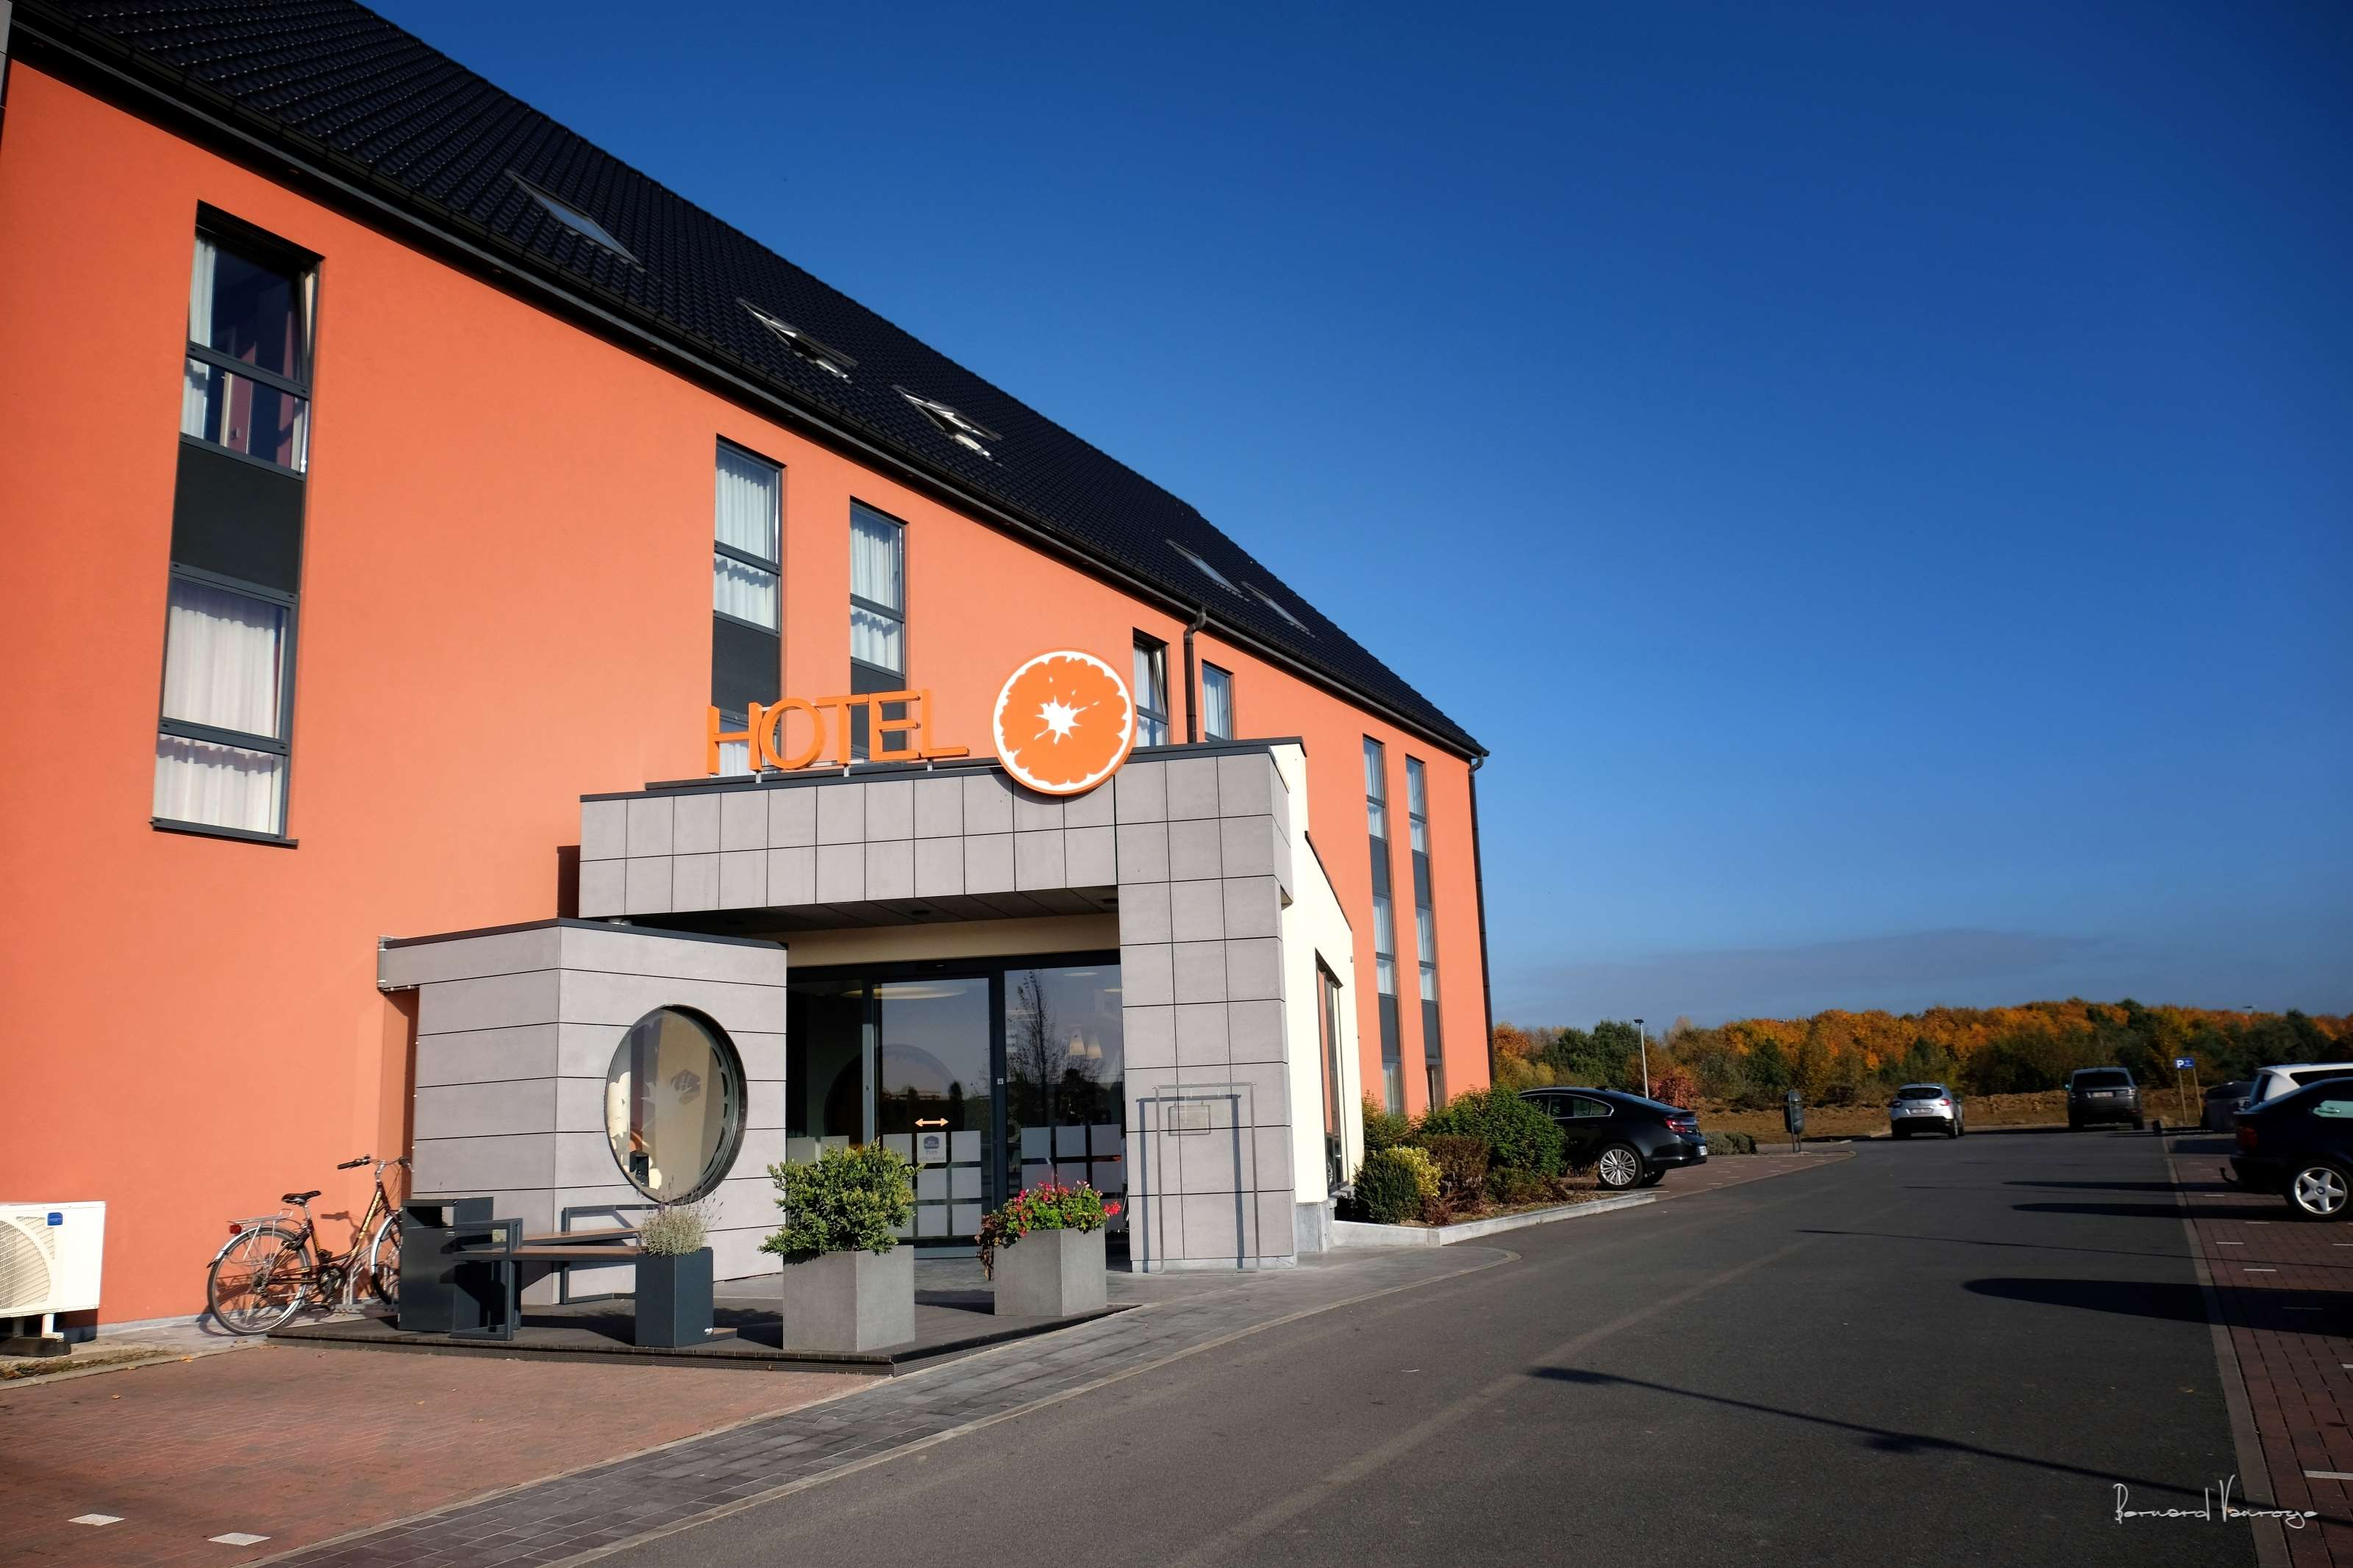 best western plus orange hotel closed h tels la louviere belgique t l 064773. Black Bedroom Furniture Sets. Home Design Ideas